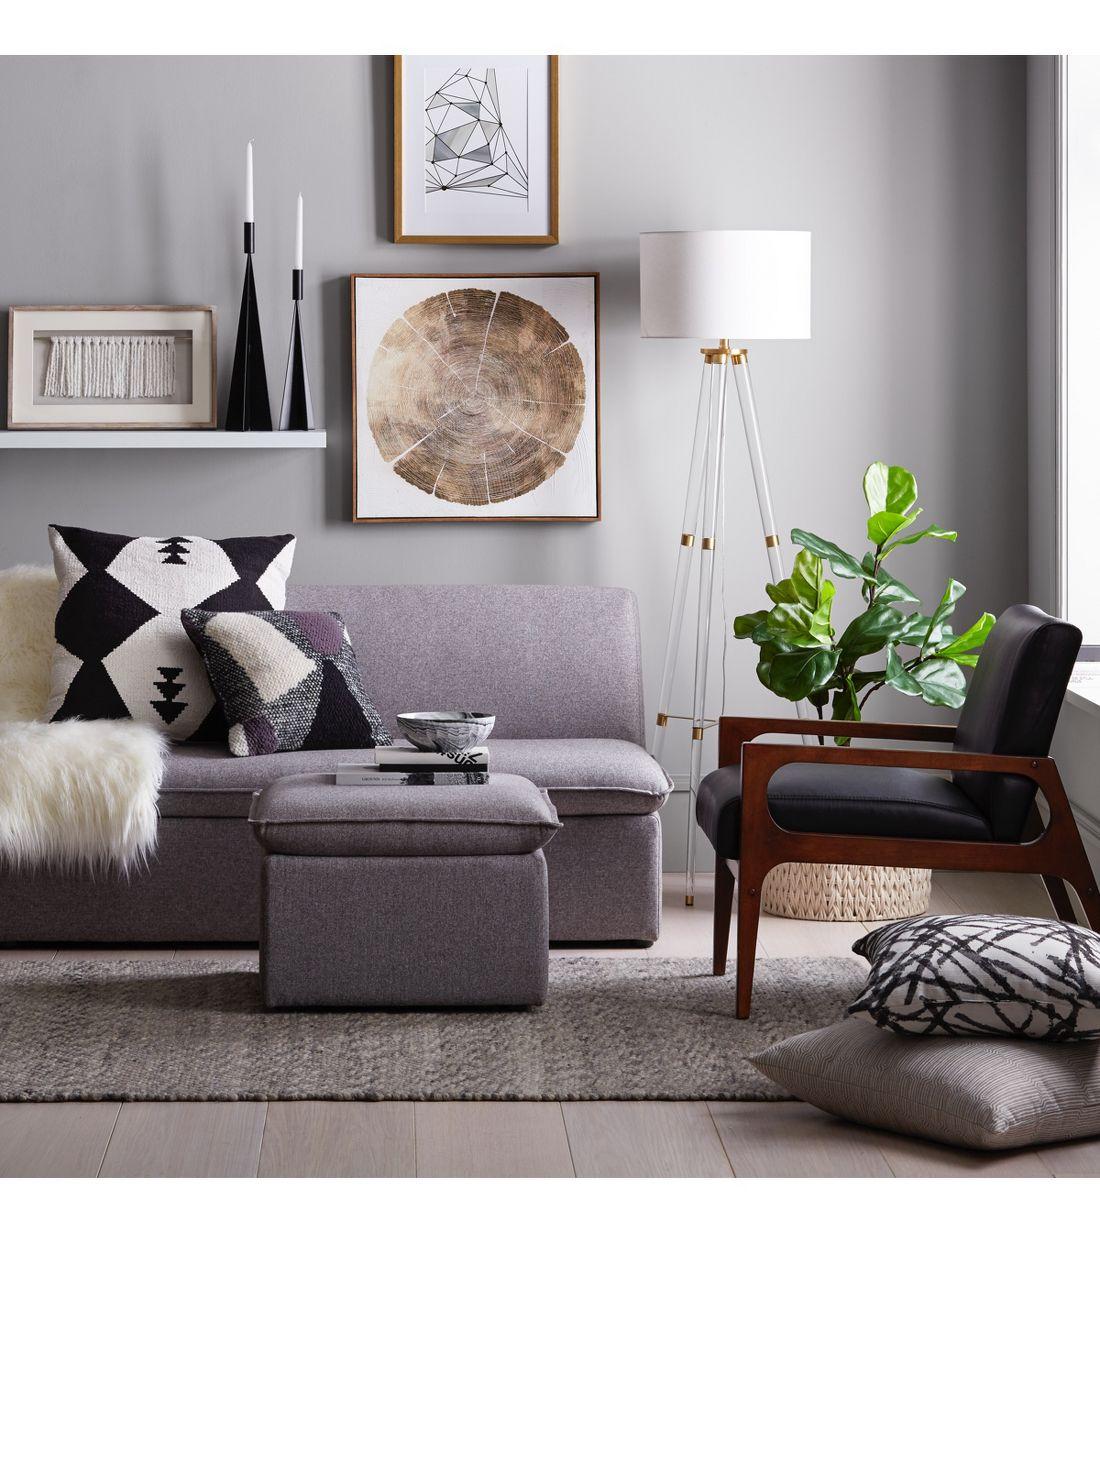 Target Living Room Furniture: Modern Furniture & Decor : Target